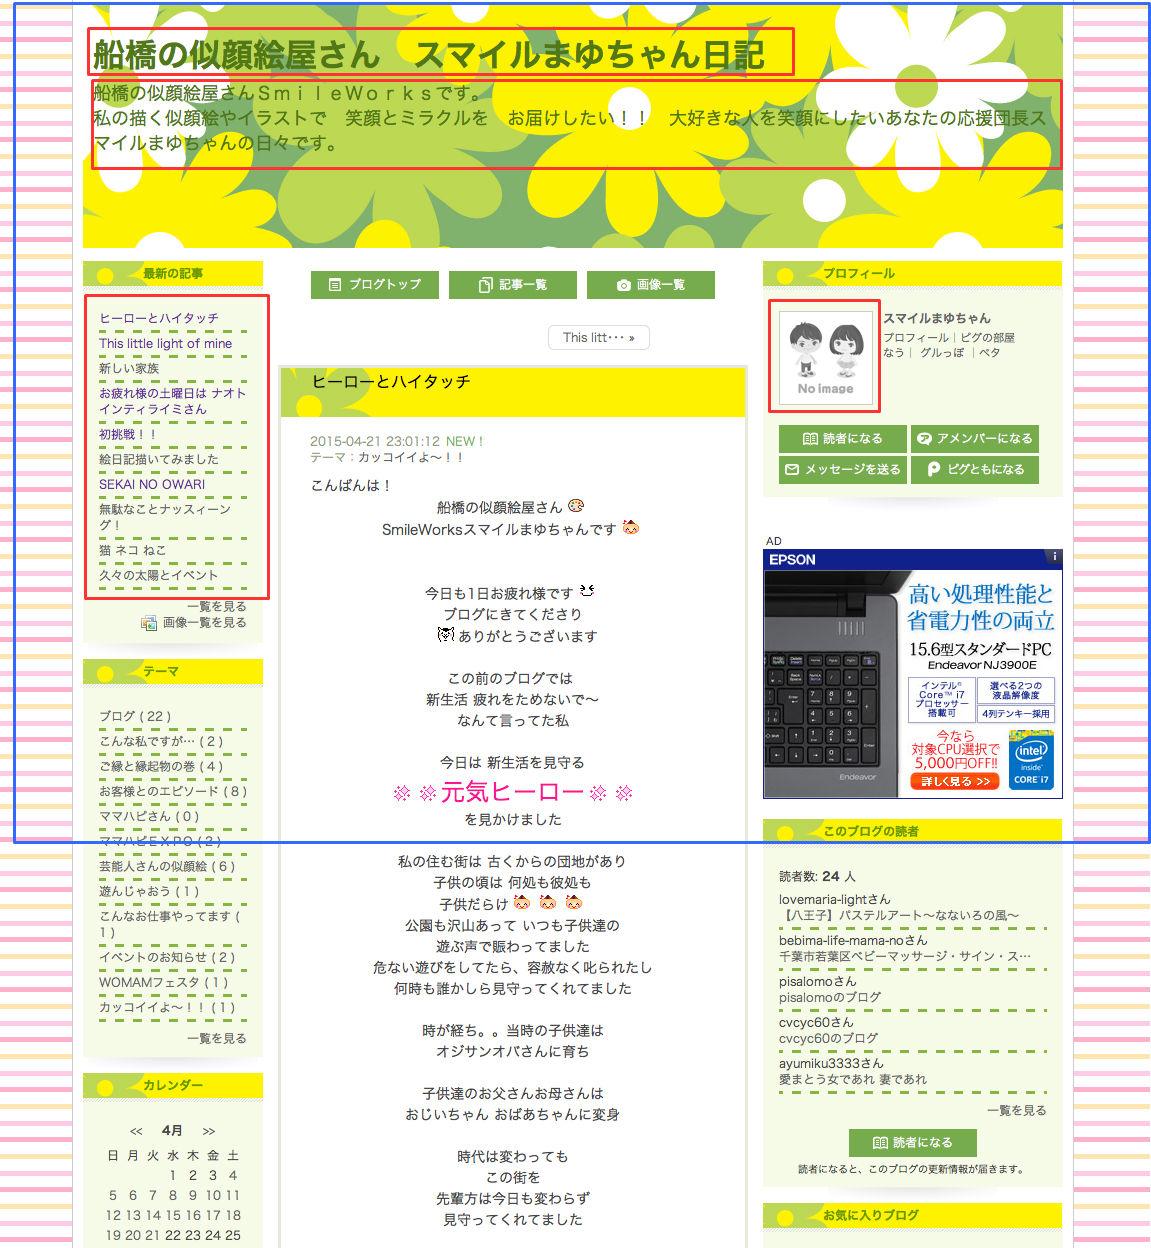 【ブログ診断】船橋の似顔絵屋さんSmileWorks[2]